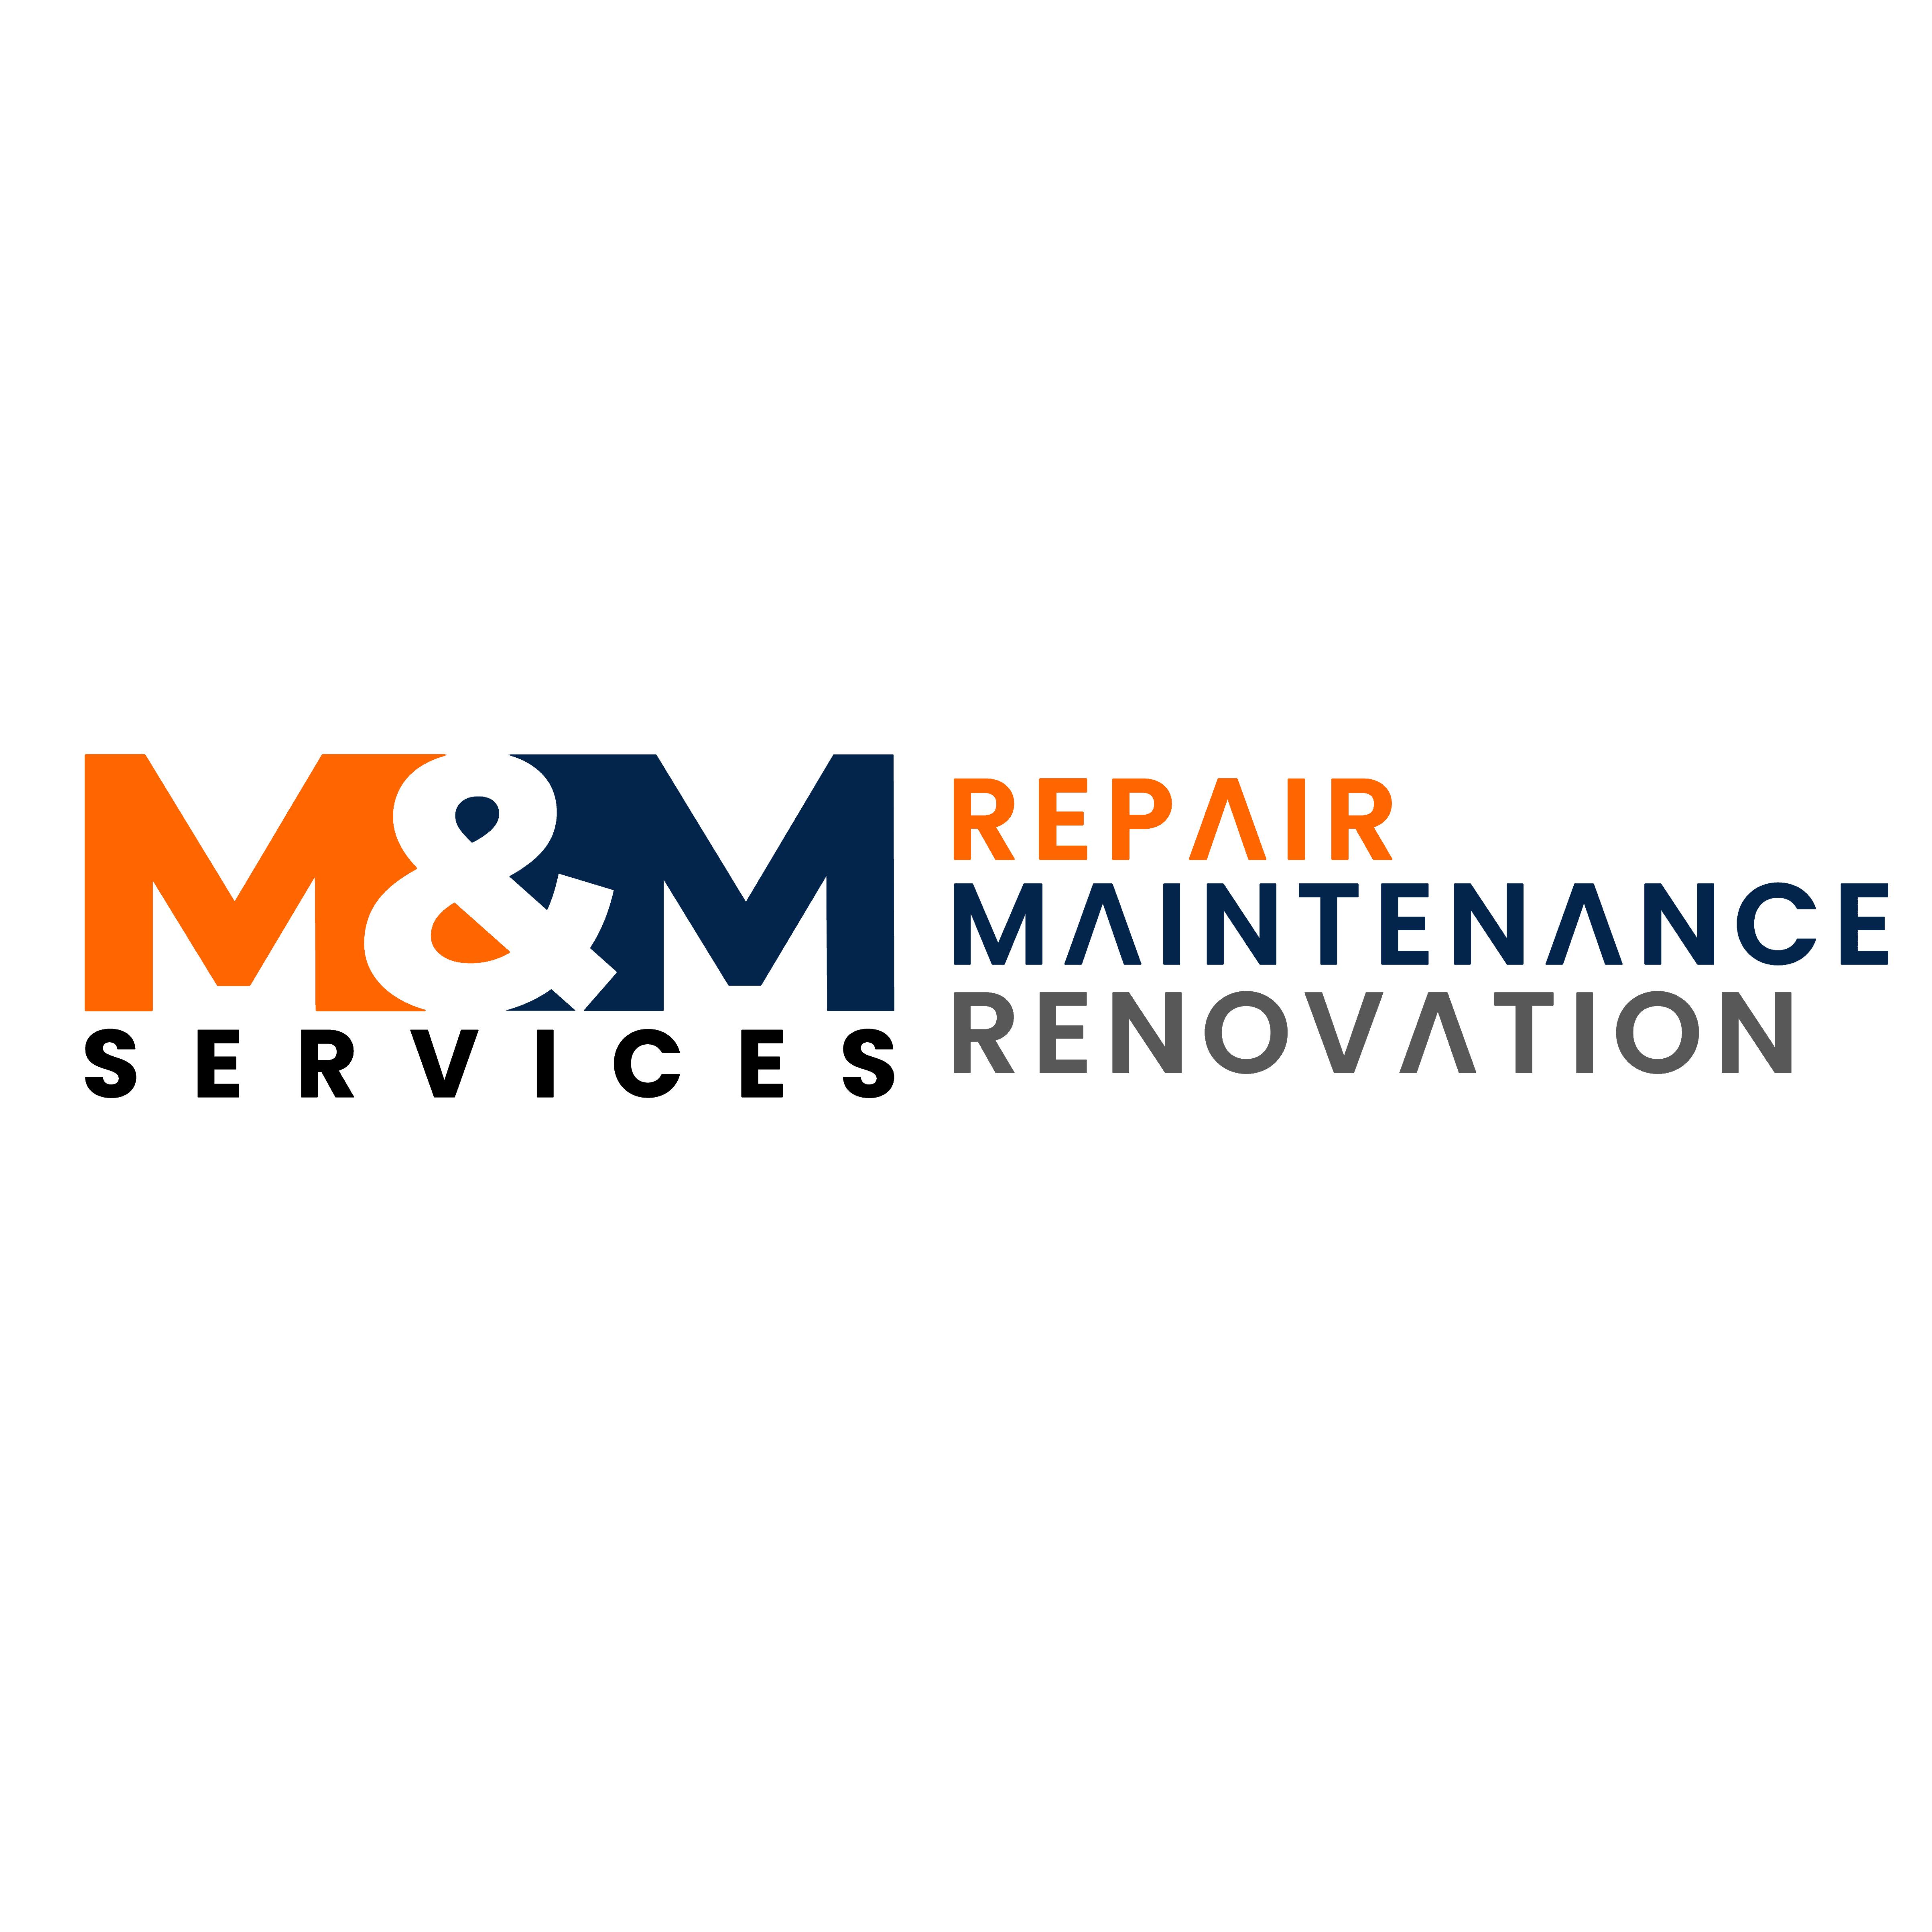 M&M Services